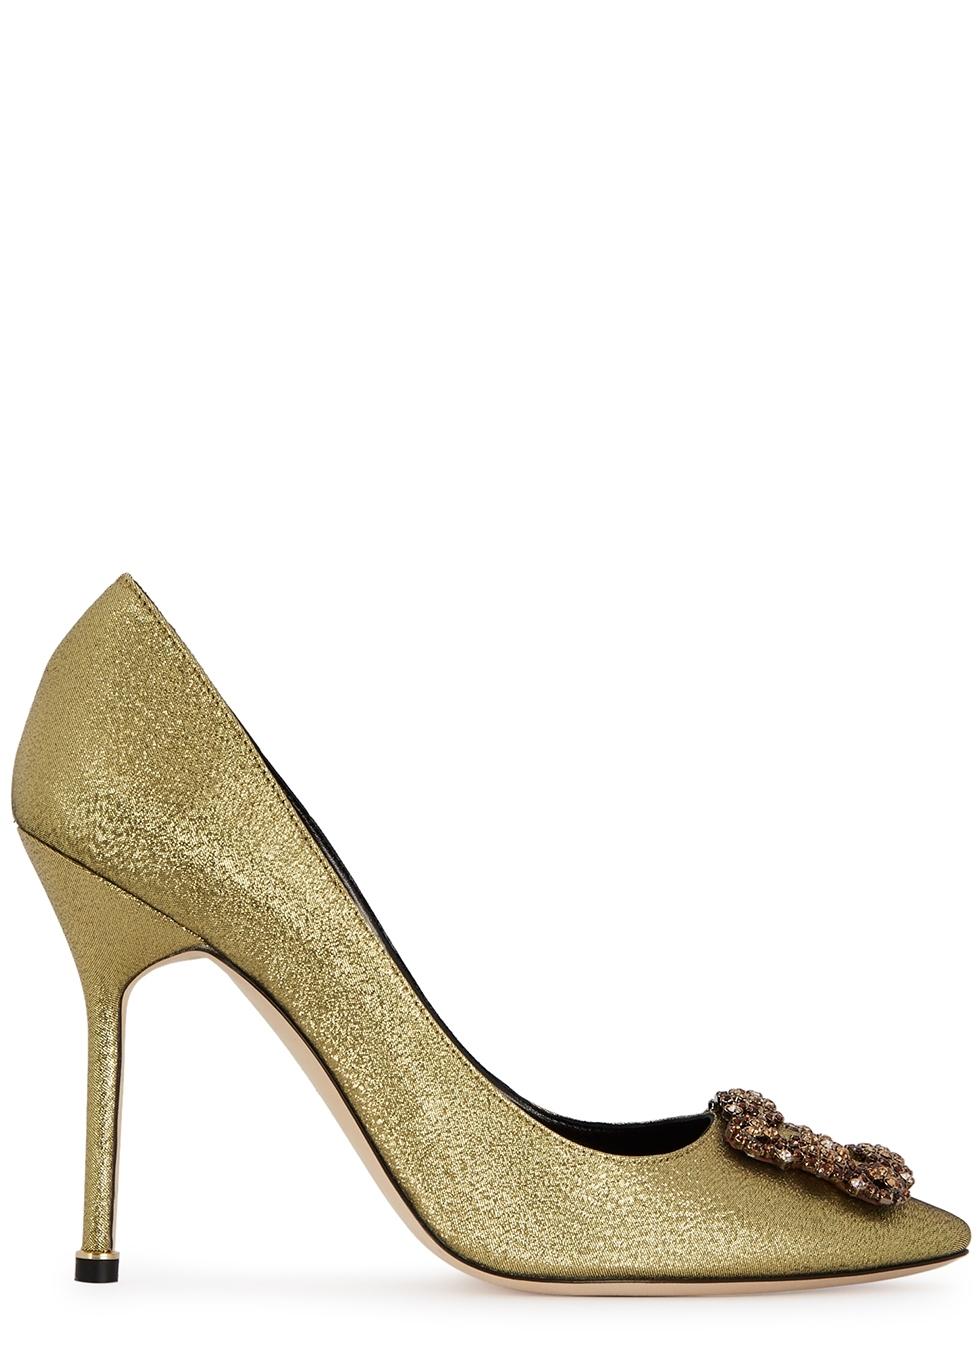 4e4c257c0 Manolo Blahnik Shoes